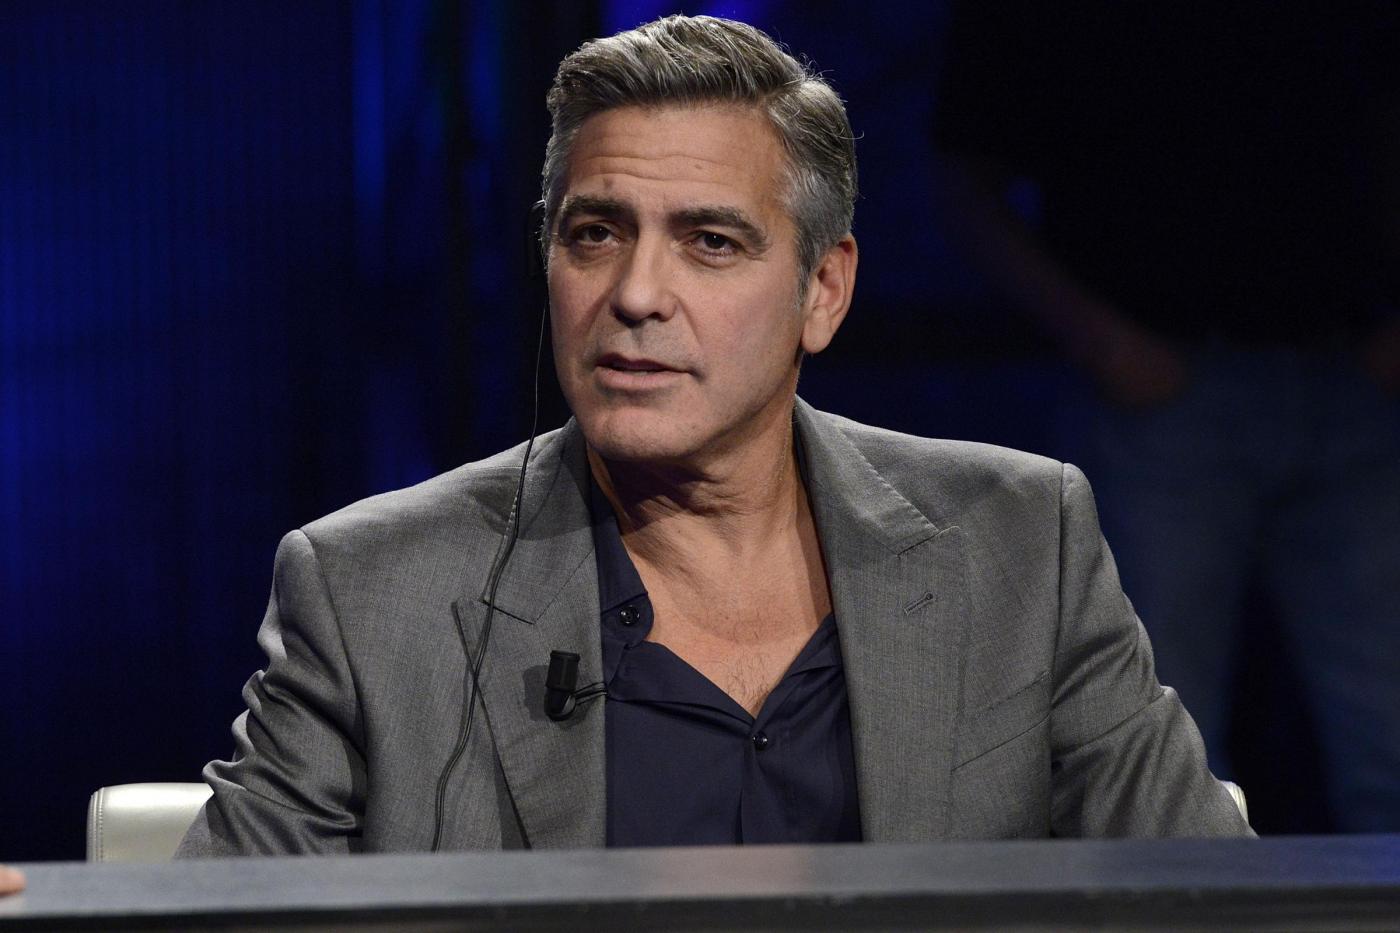 La rissa verbale scatenata da George Clooney per difendere Obama